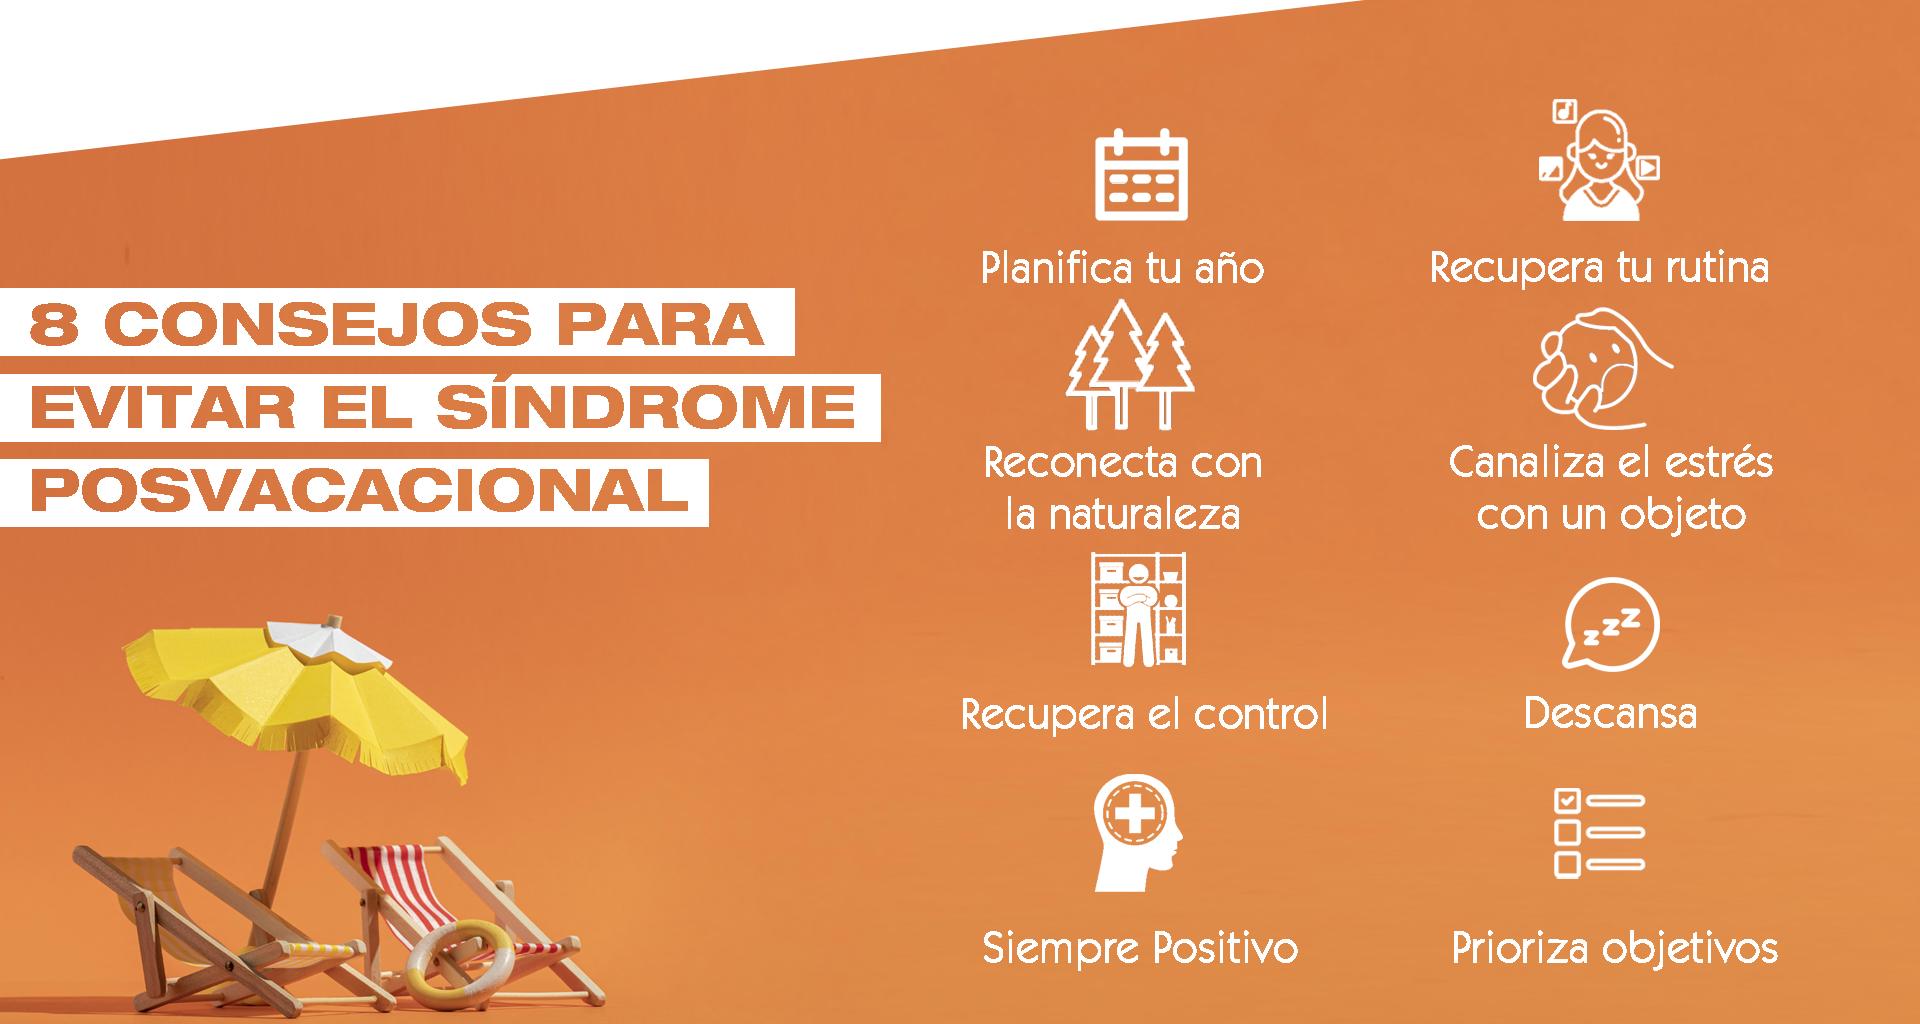 Up Spain ofrece 8 consejos para evitar el síndrome posvacacional